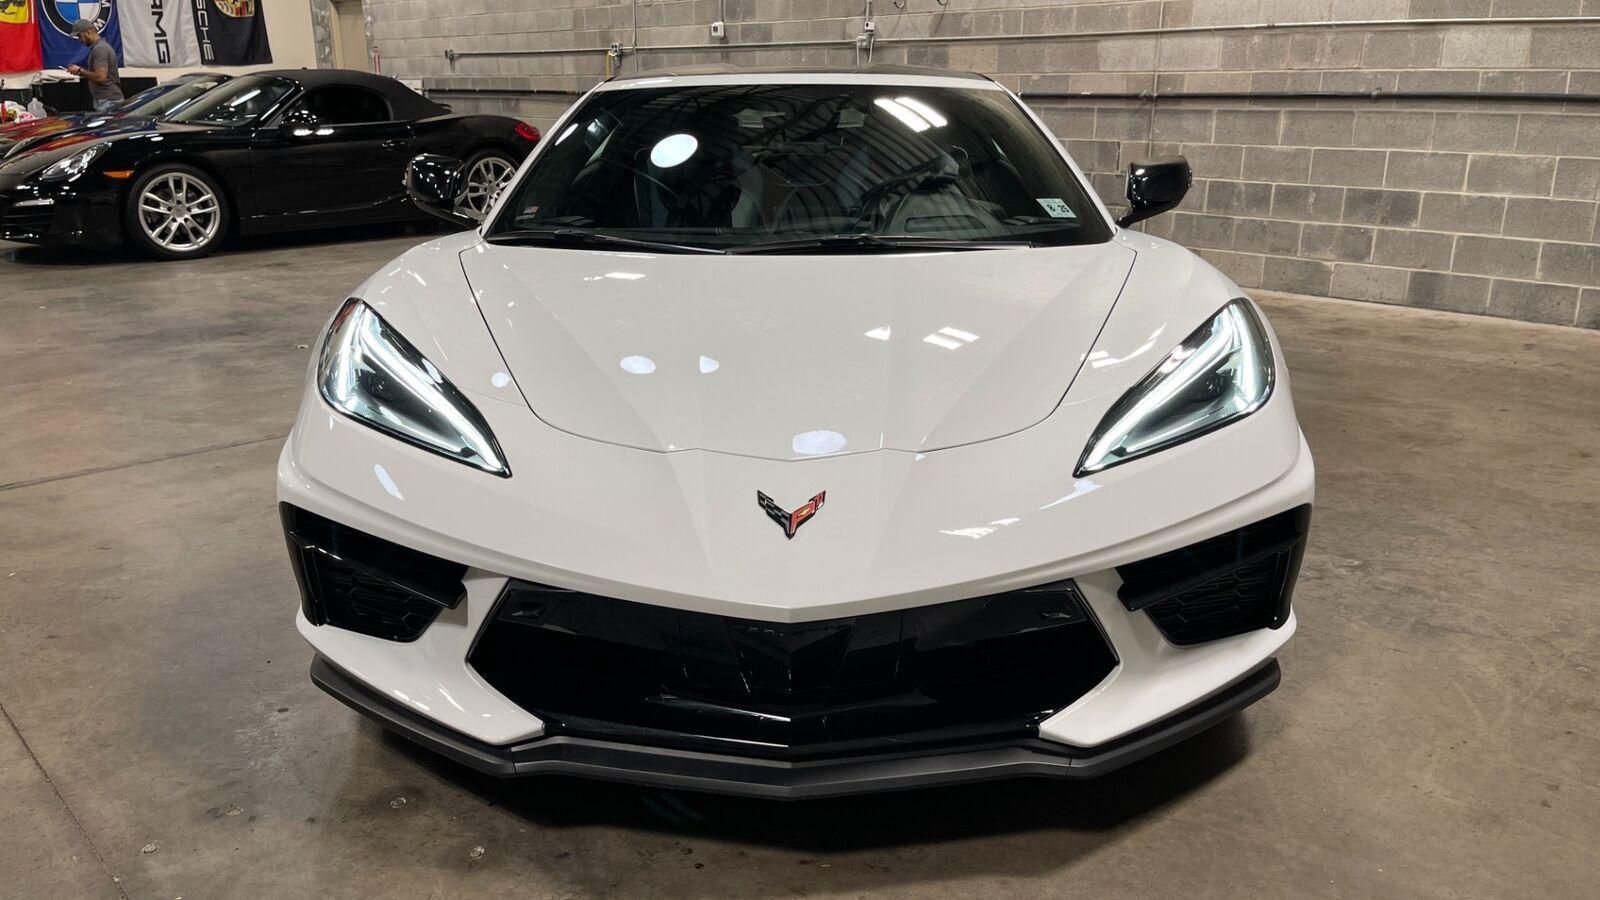 2020 White Chevrolet Corvette Stingray 3LT | C7 Corvette Photo 5